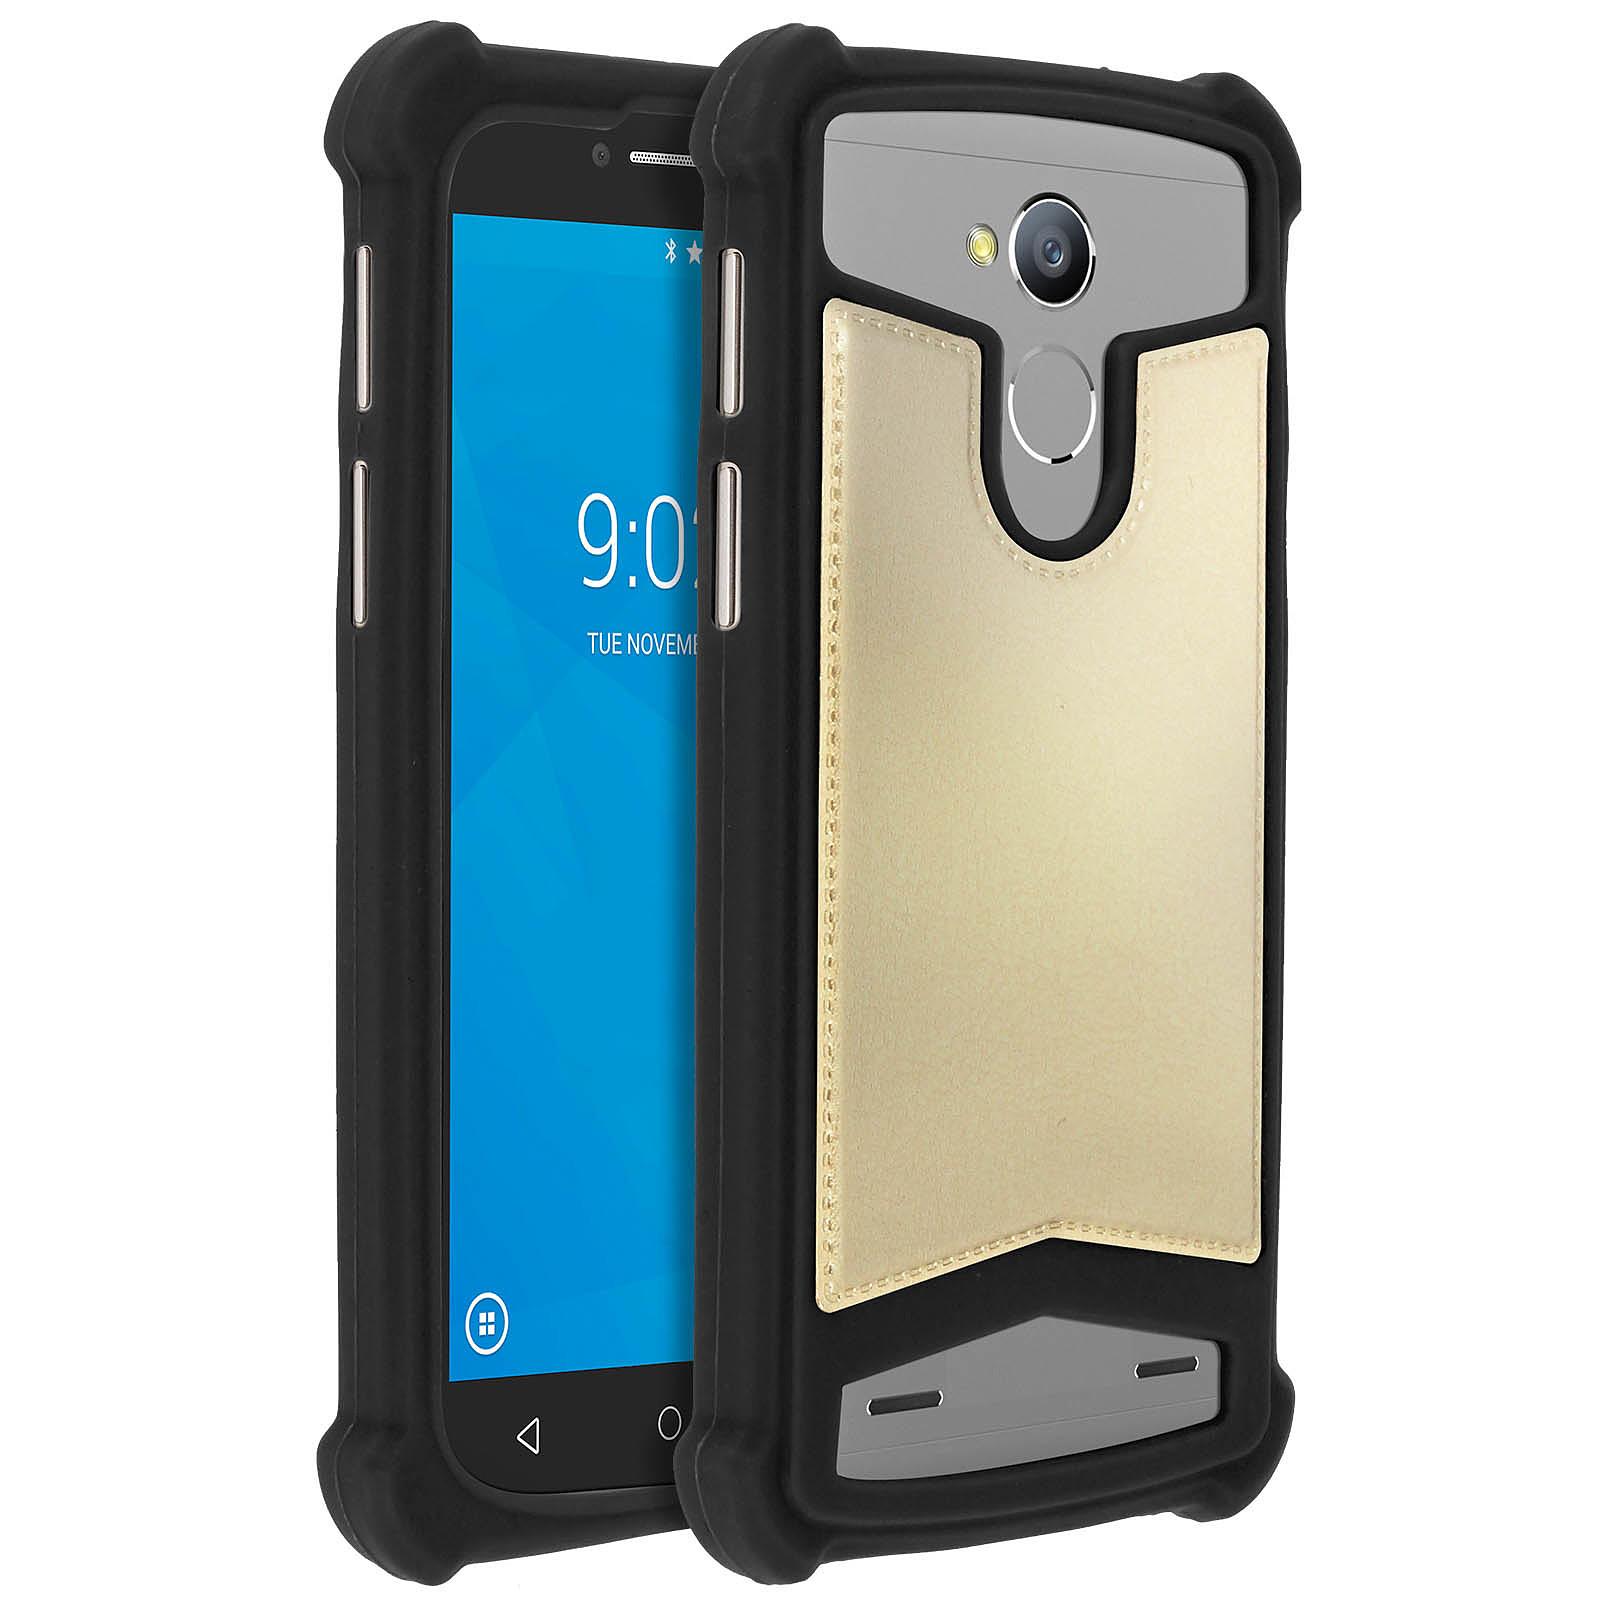 Avizar Coque Multicolore pour Smartphones de 4.3' à 4.7'